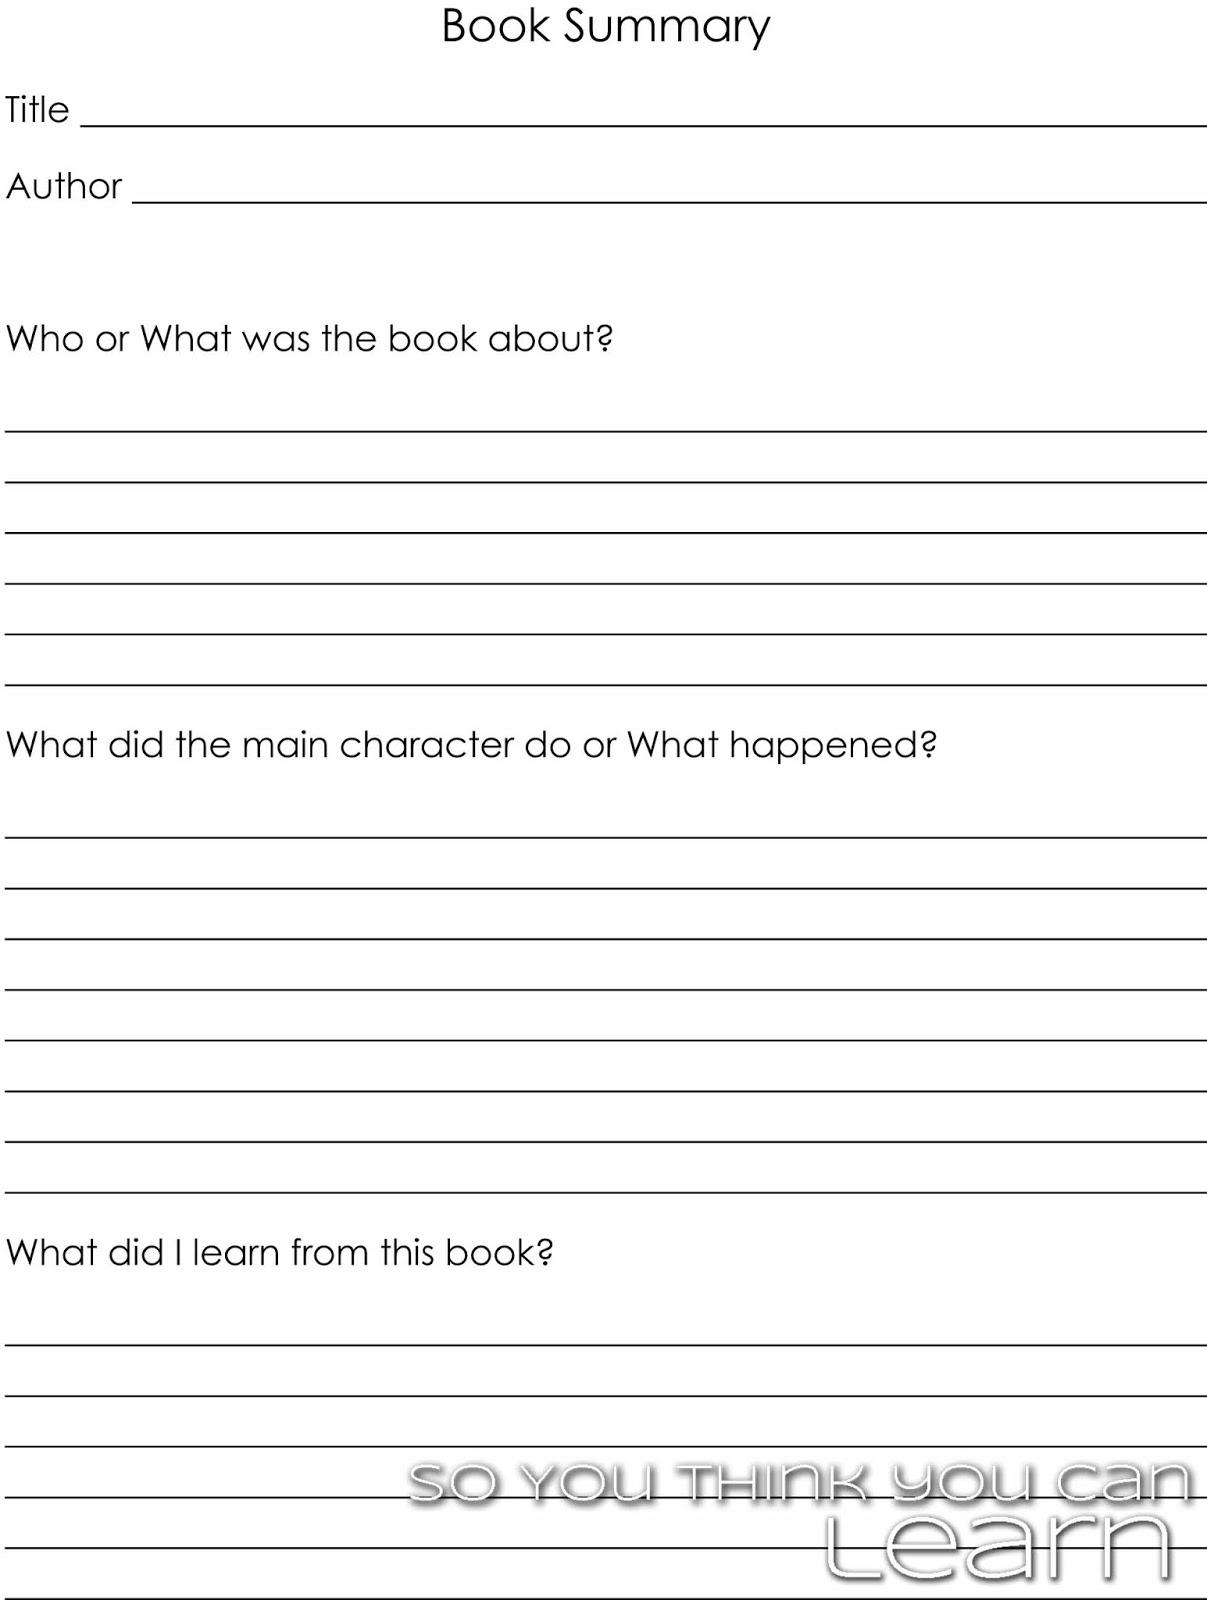 Form For Writing A Book Report Homework Center Writing A